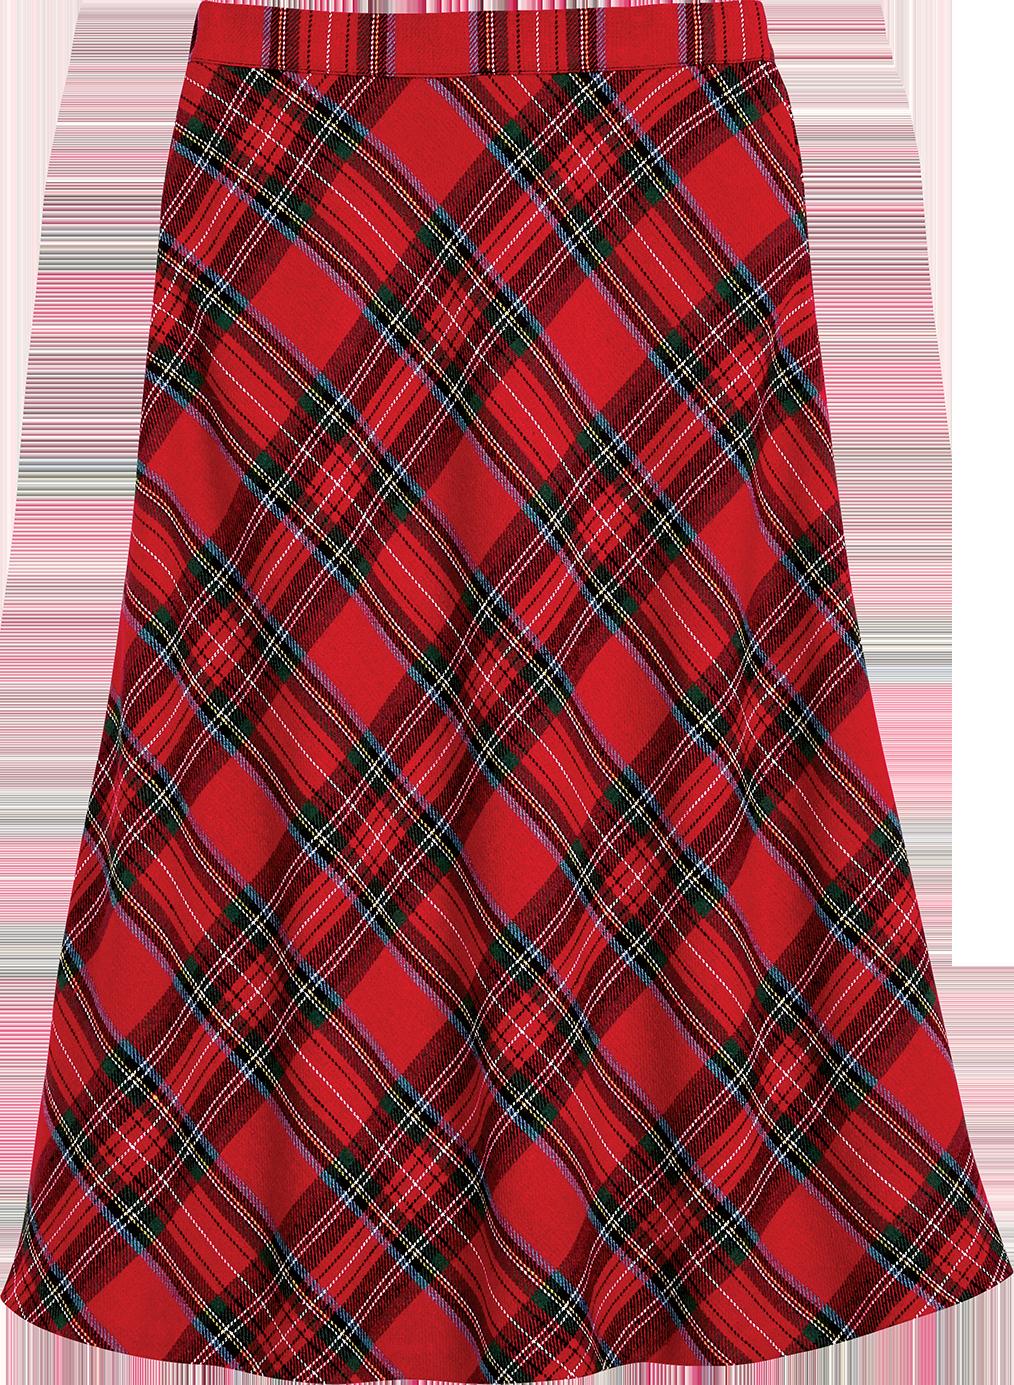 Easy-Care Tartan Skirt